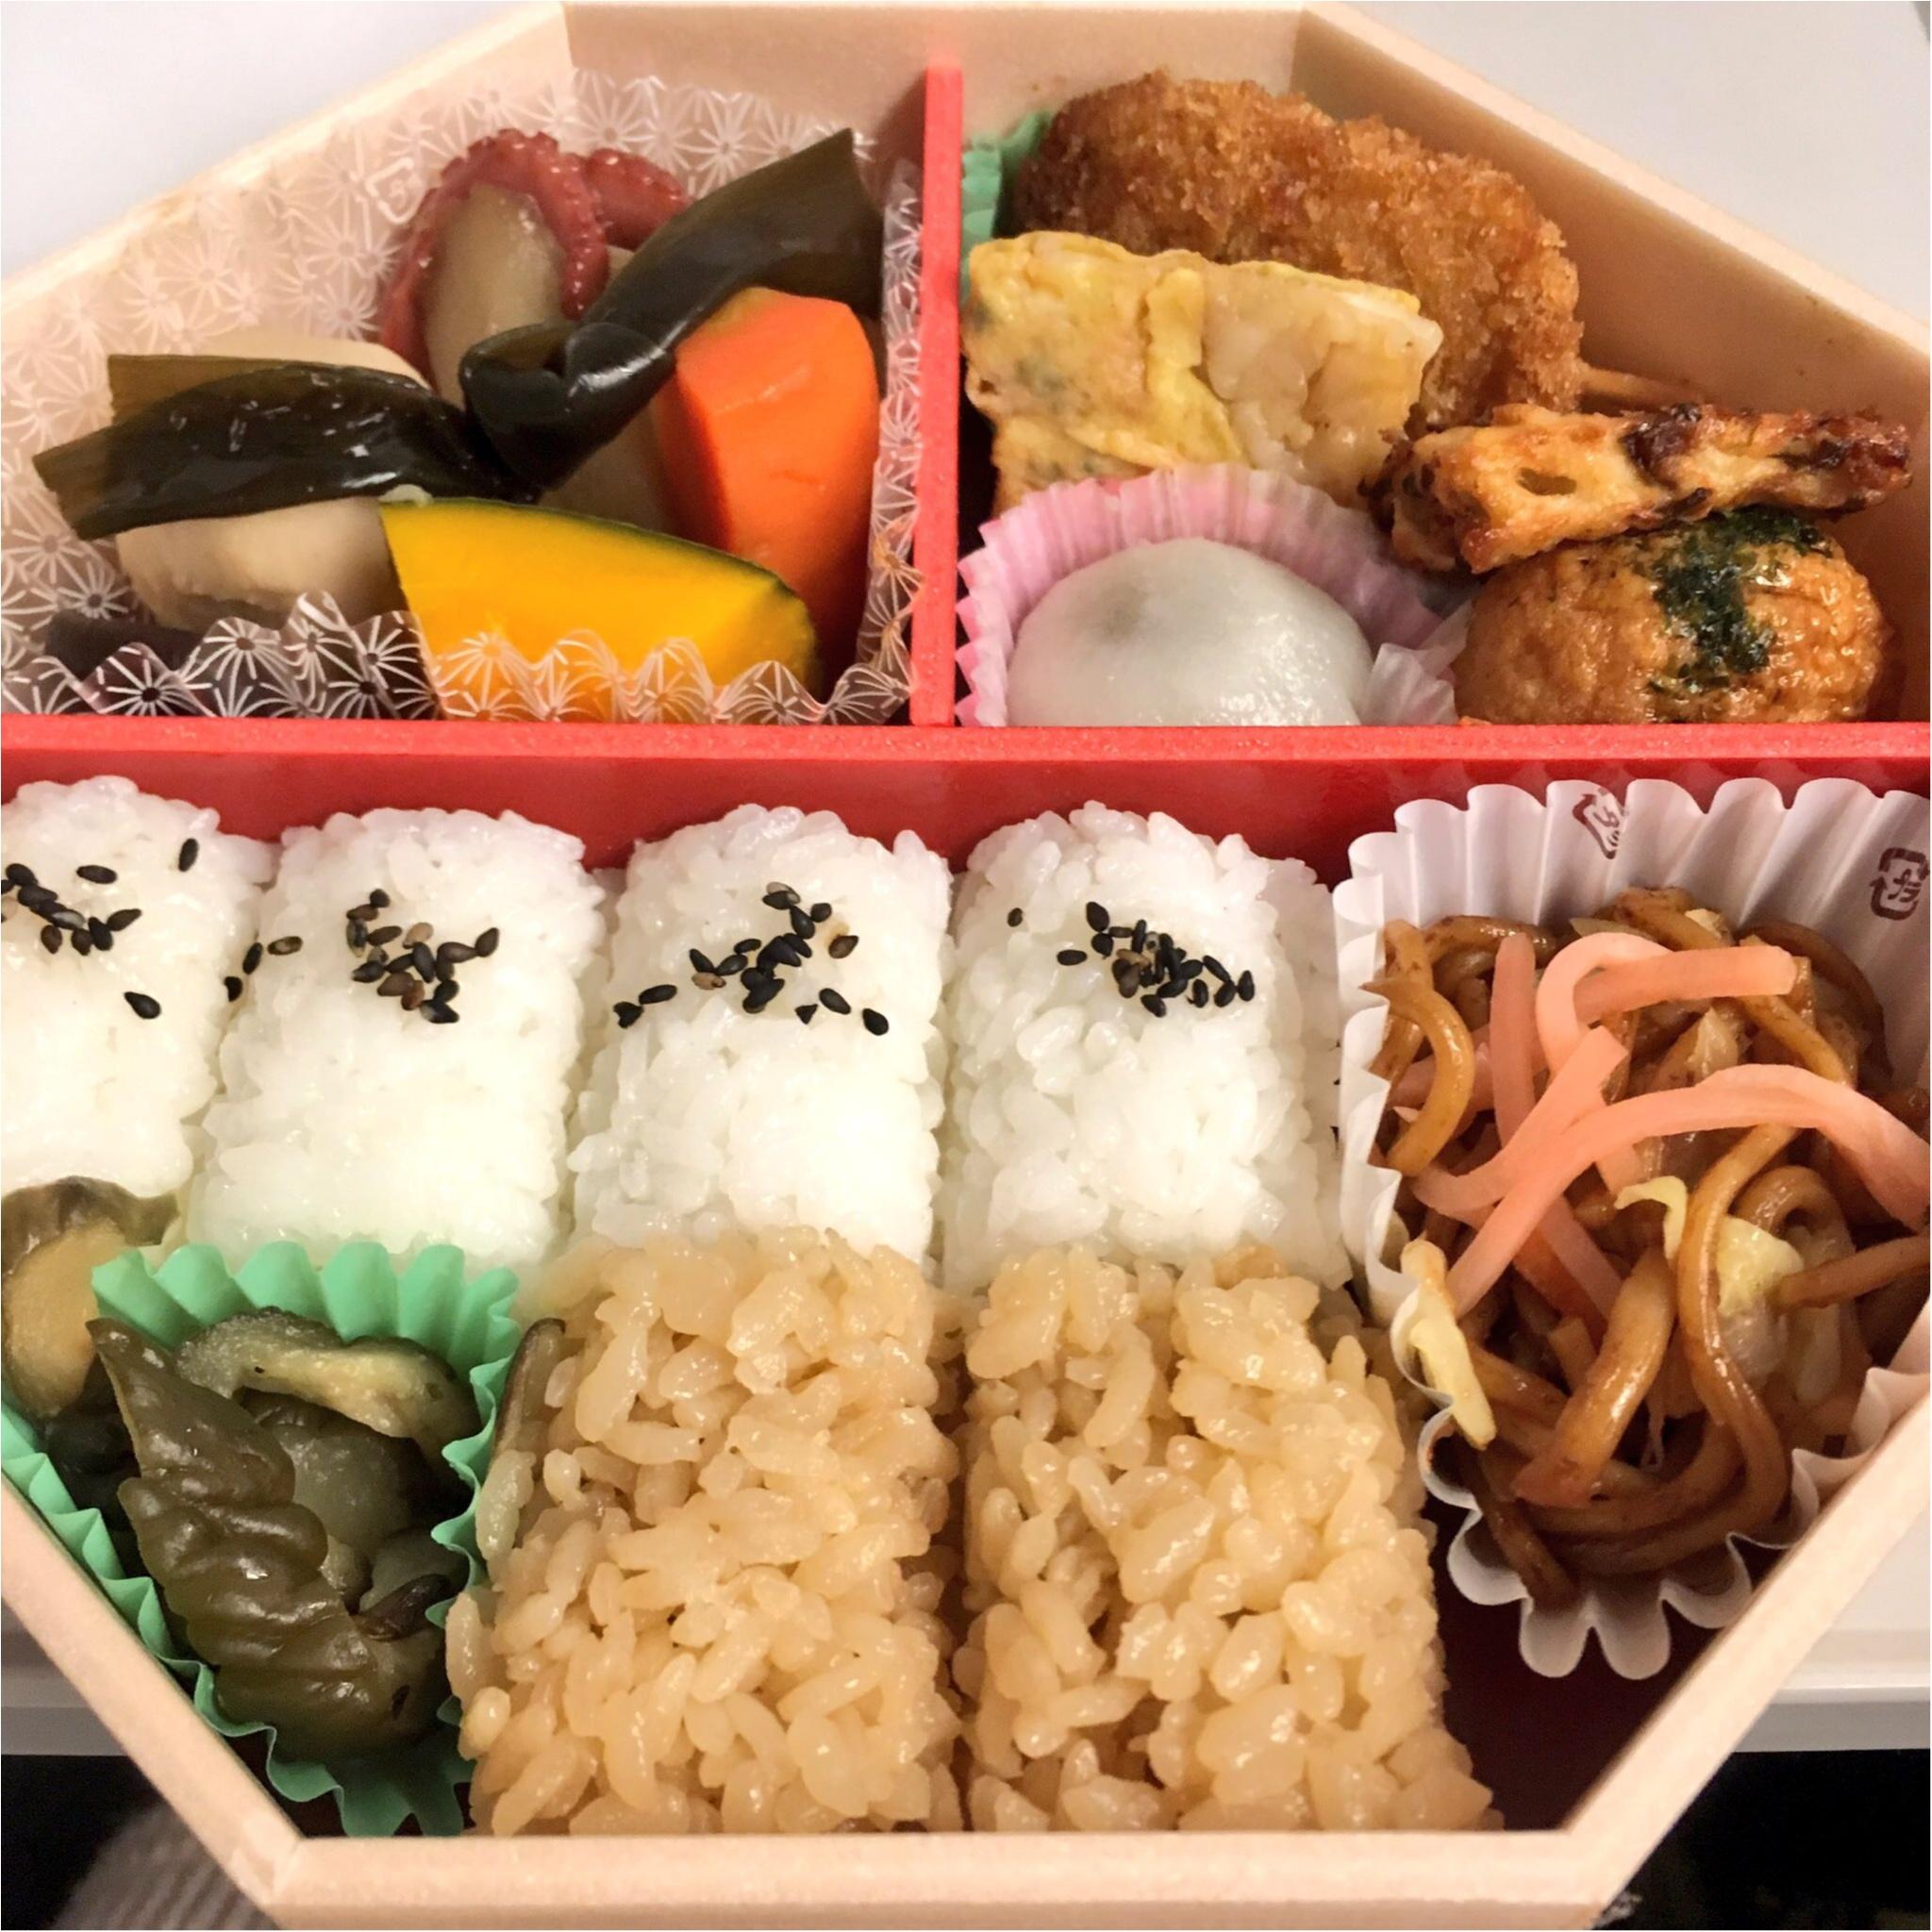 【関西旅行】これを買えばハズレない!♡【食べ物お土産ベスト3】_2